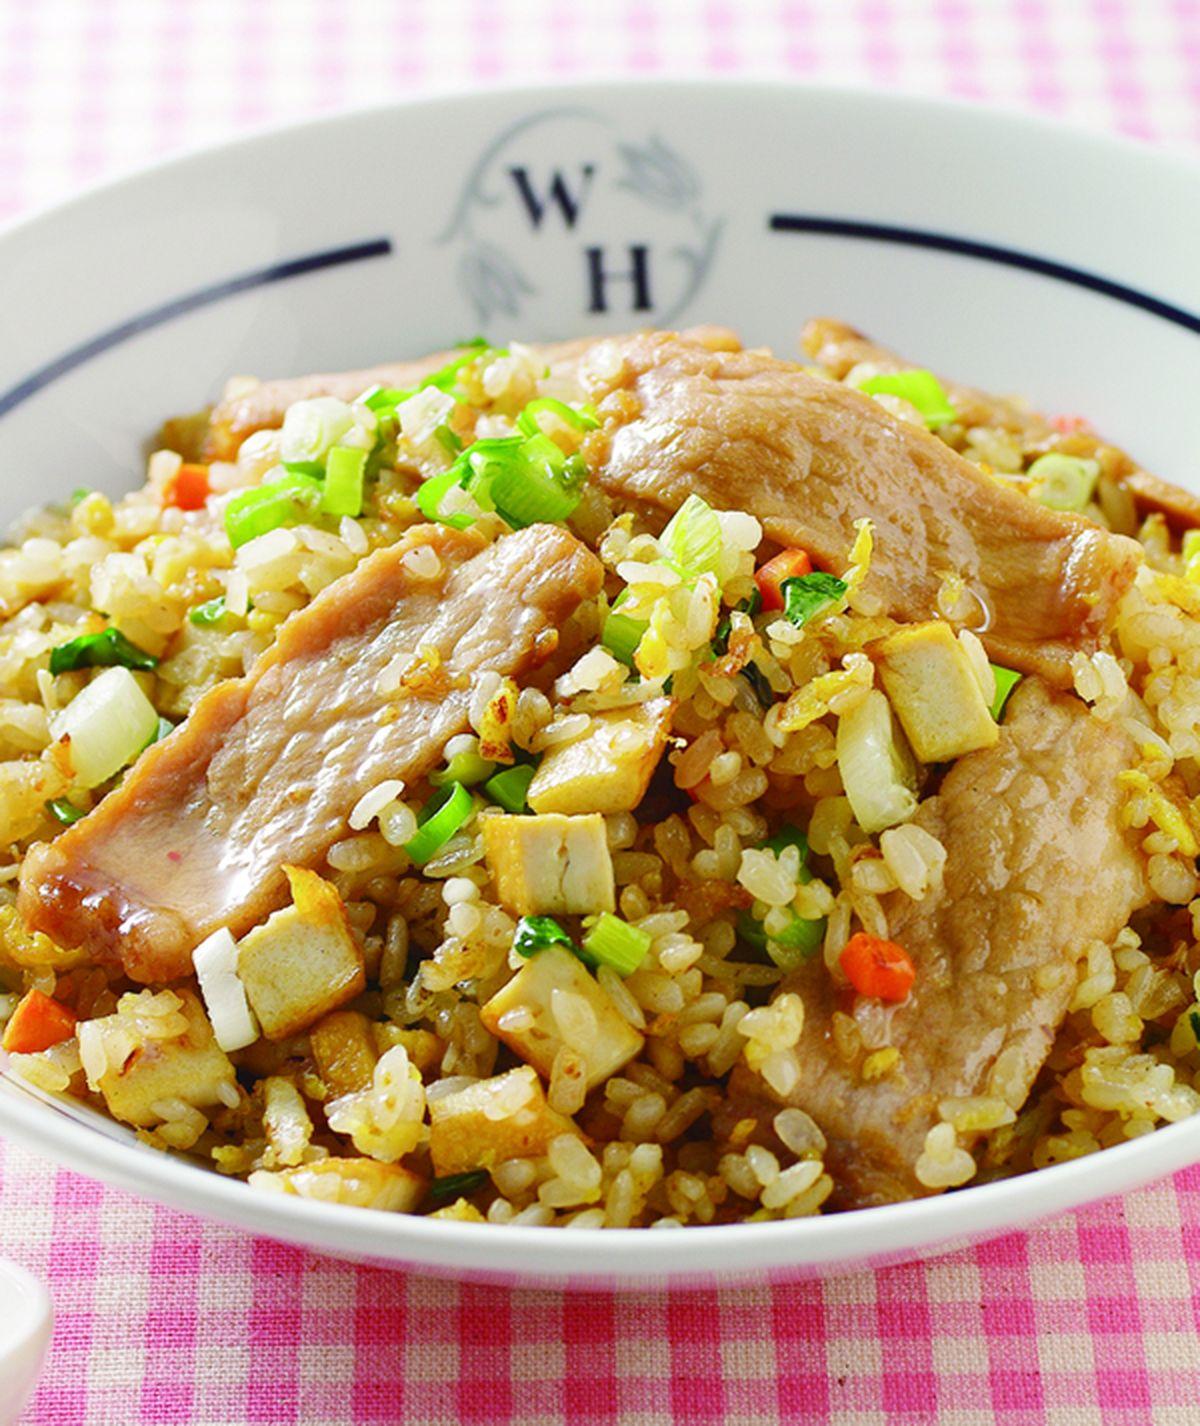 食譜:豬肉味噌炒飯